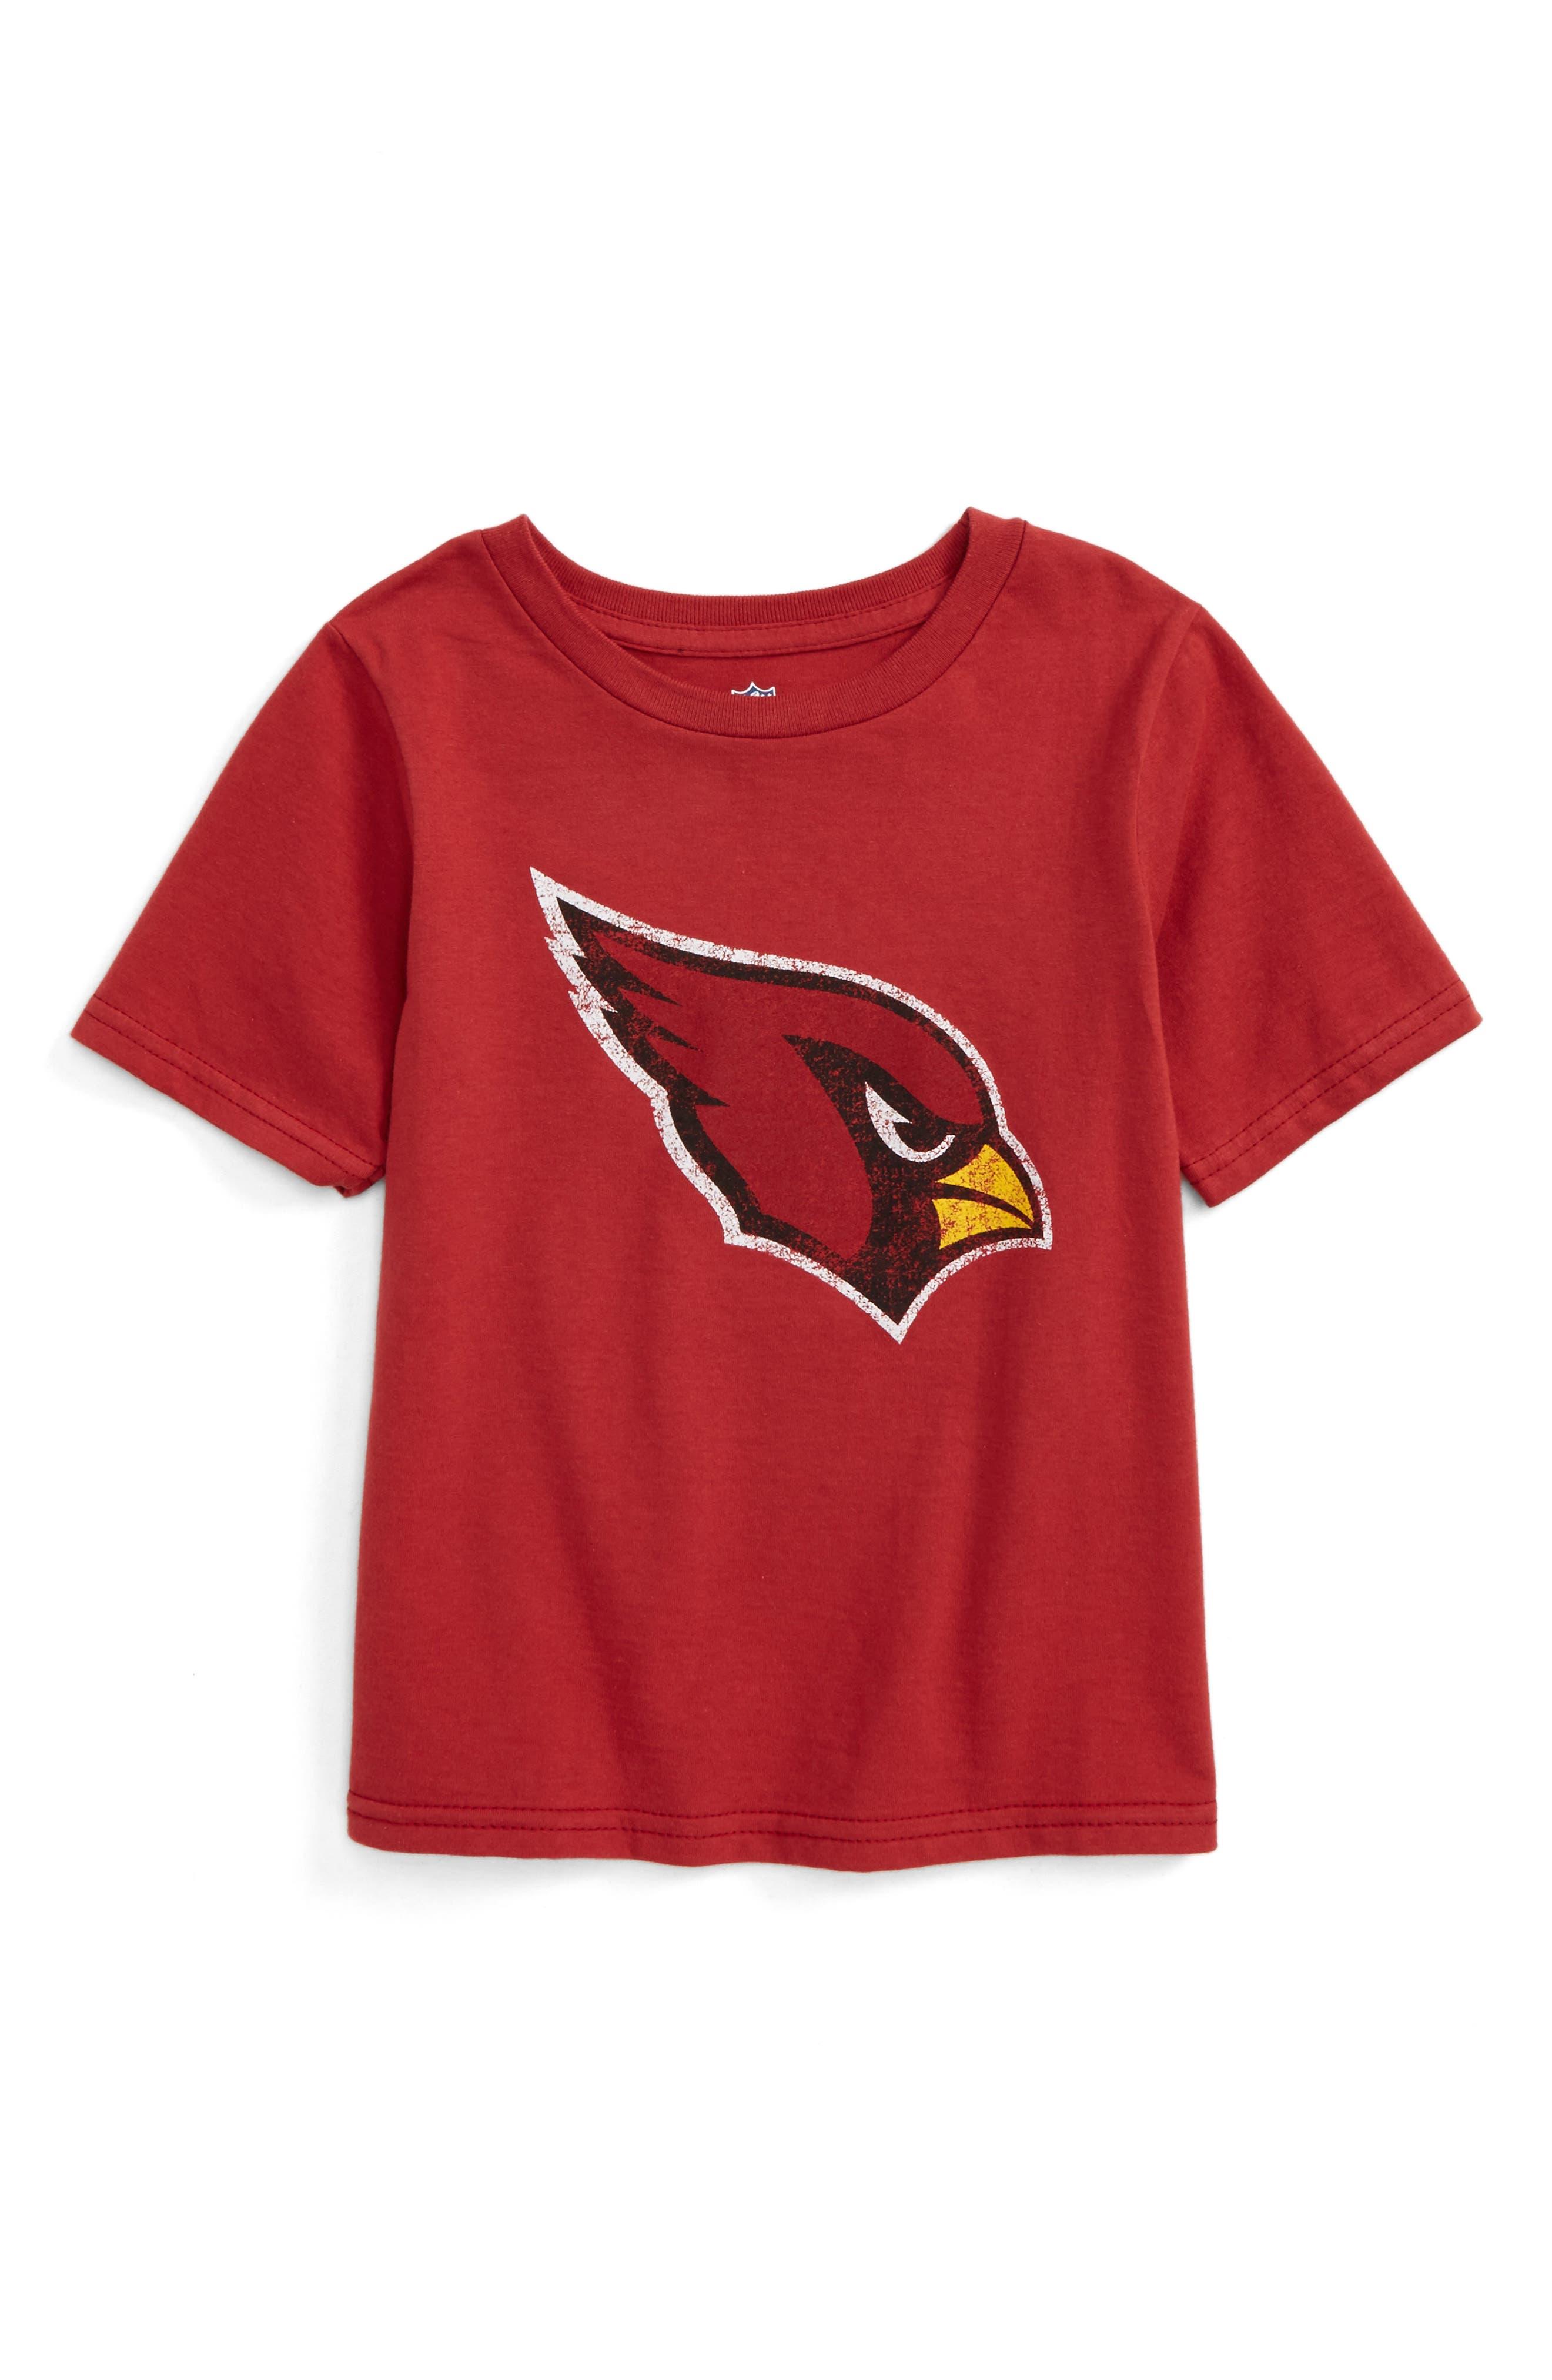 NFL - Arizona Cardinals Distressed Logo T-Shirt,                         Main,                         color, 600